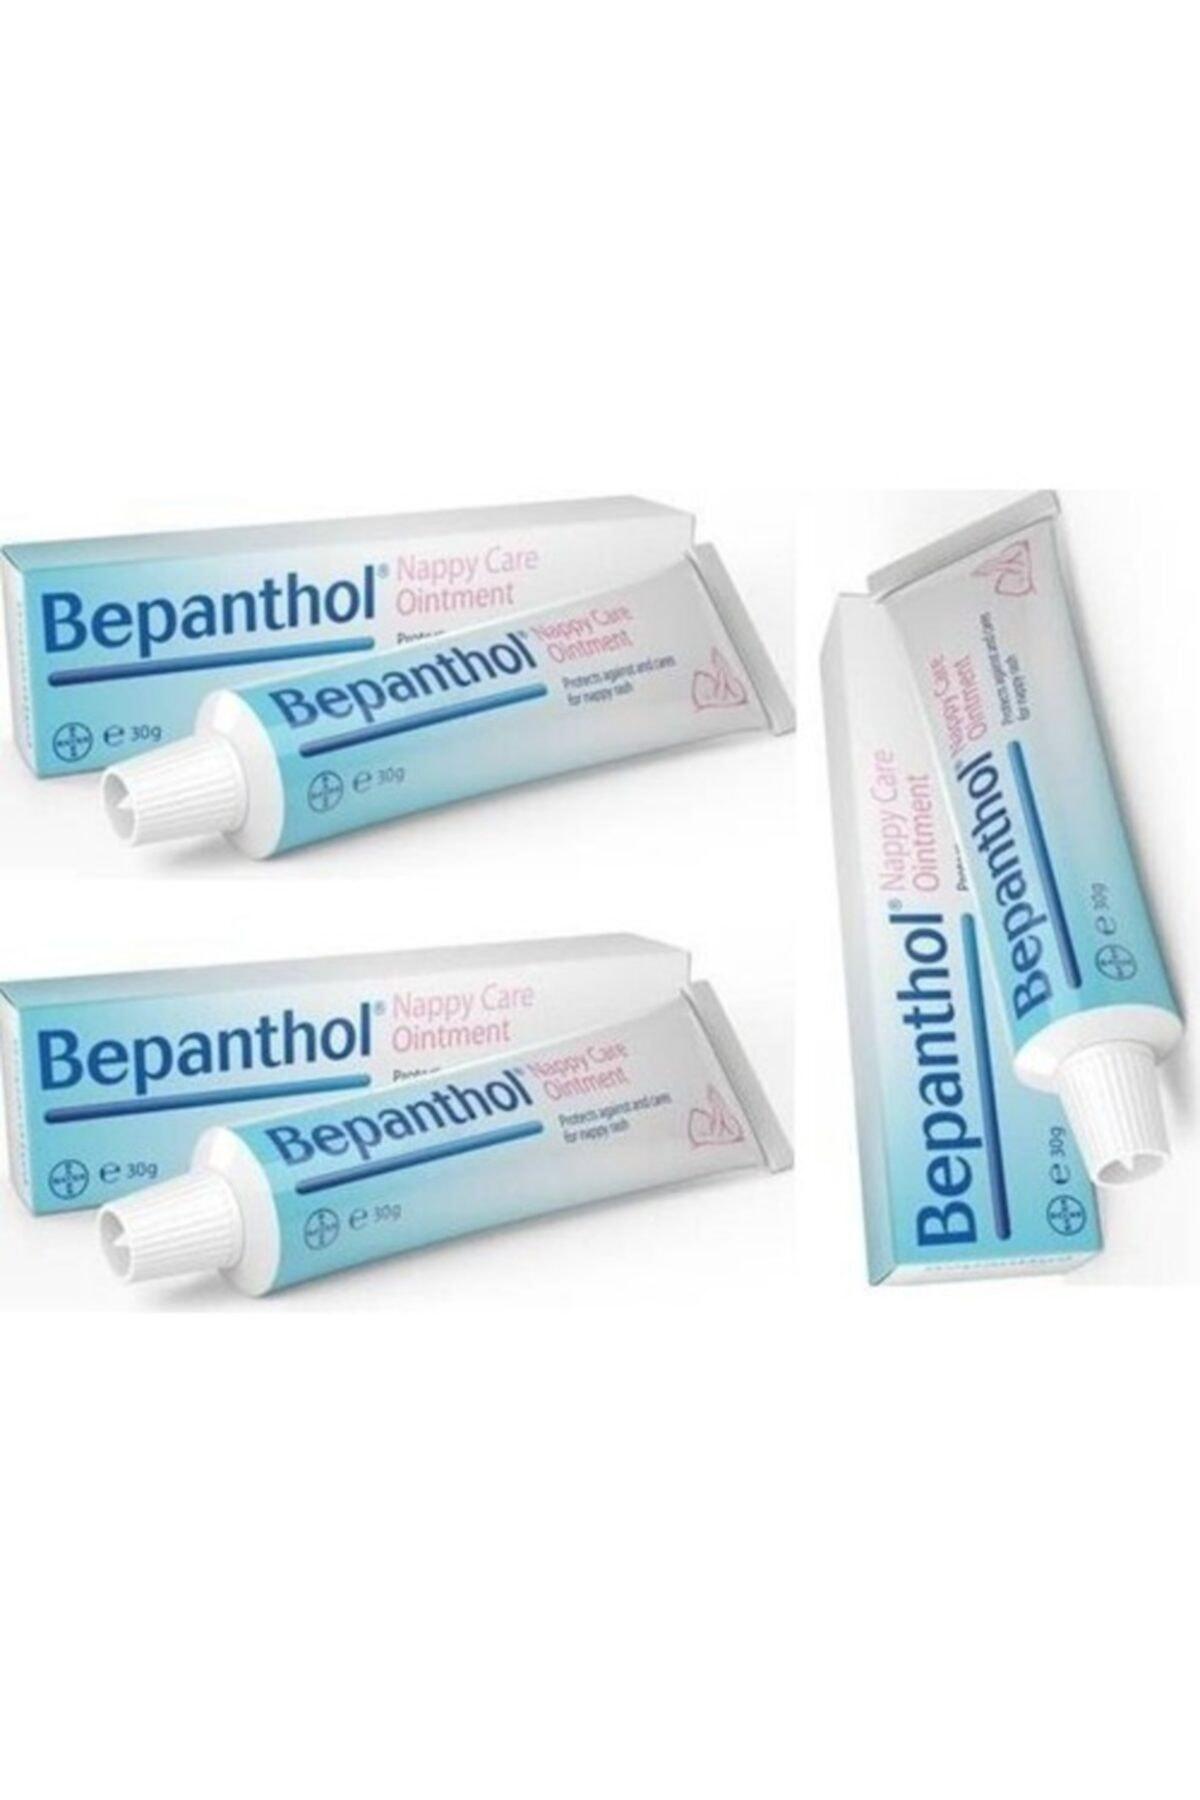 Bepanthol Baby Pişik Önleyici Merhem 3 Kutu 30gr Skt:02/22 1